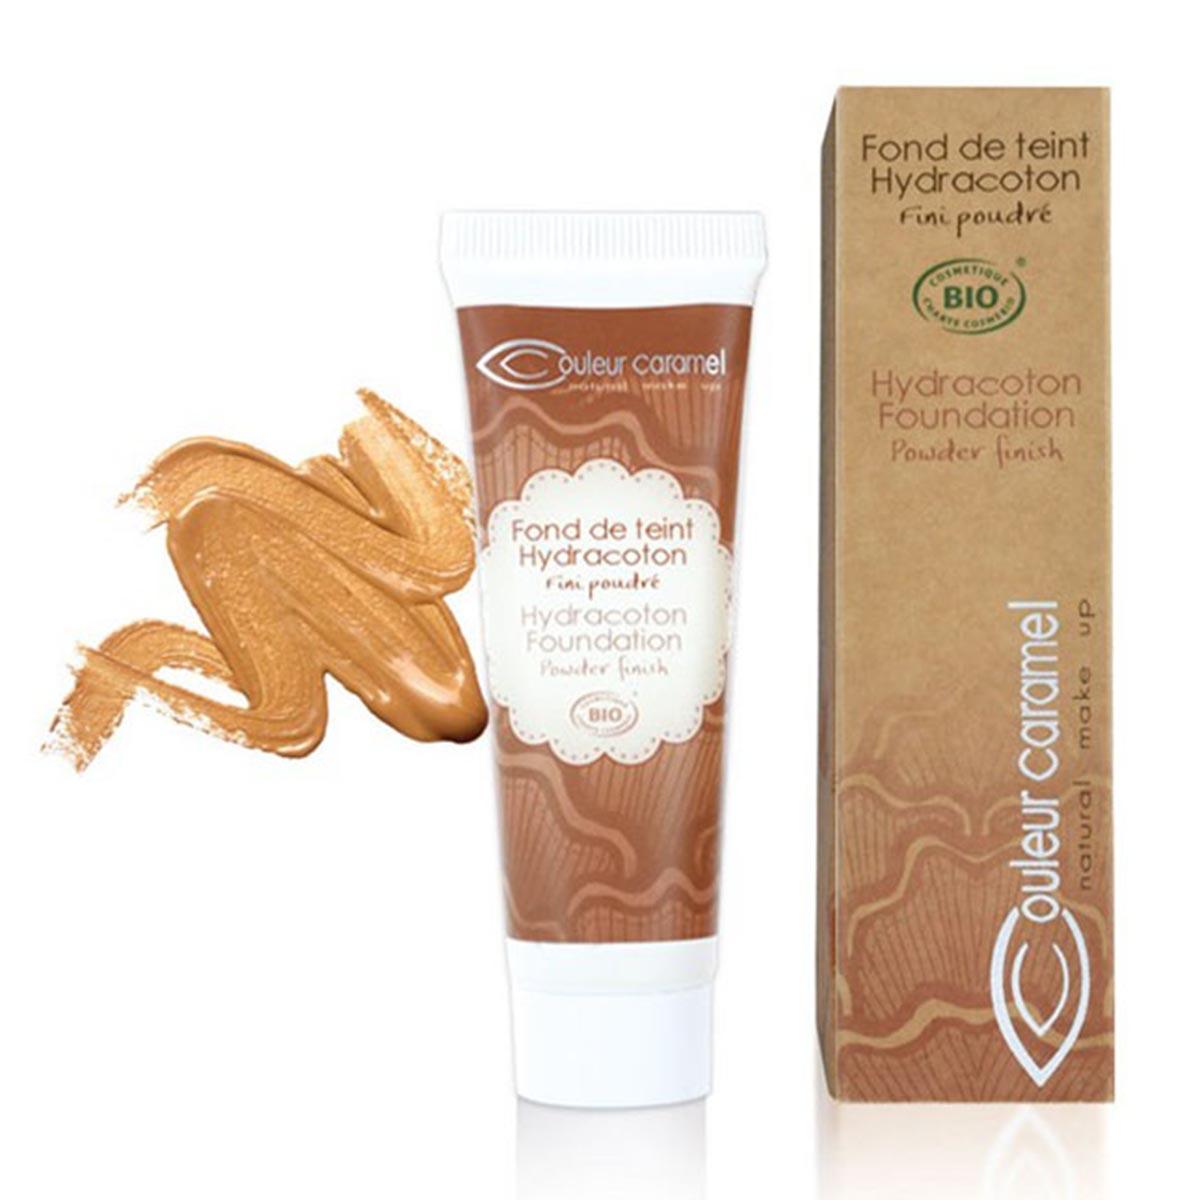 Couleur caramel fond de teint hydracoton foundation n 14 sable chaud